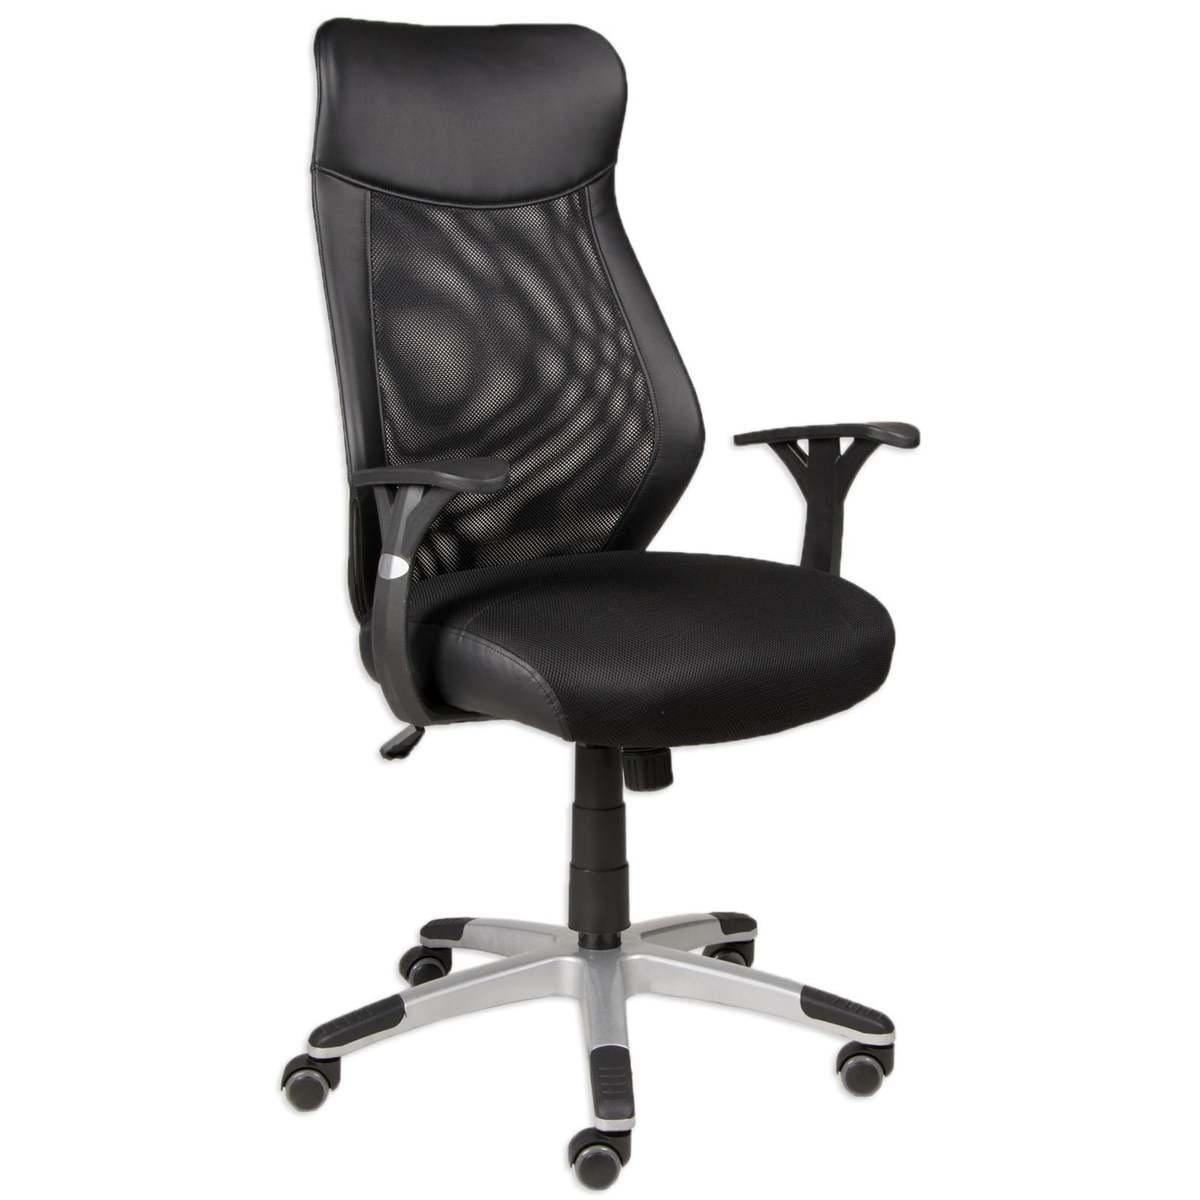 Bild 1 von Drehstuhl NIKO - schwarz - mit Netzrücken - höhenverstellbar